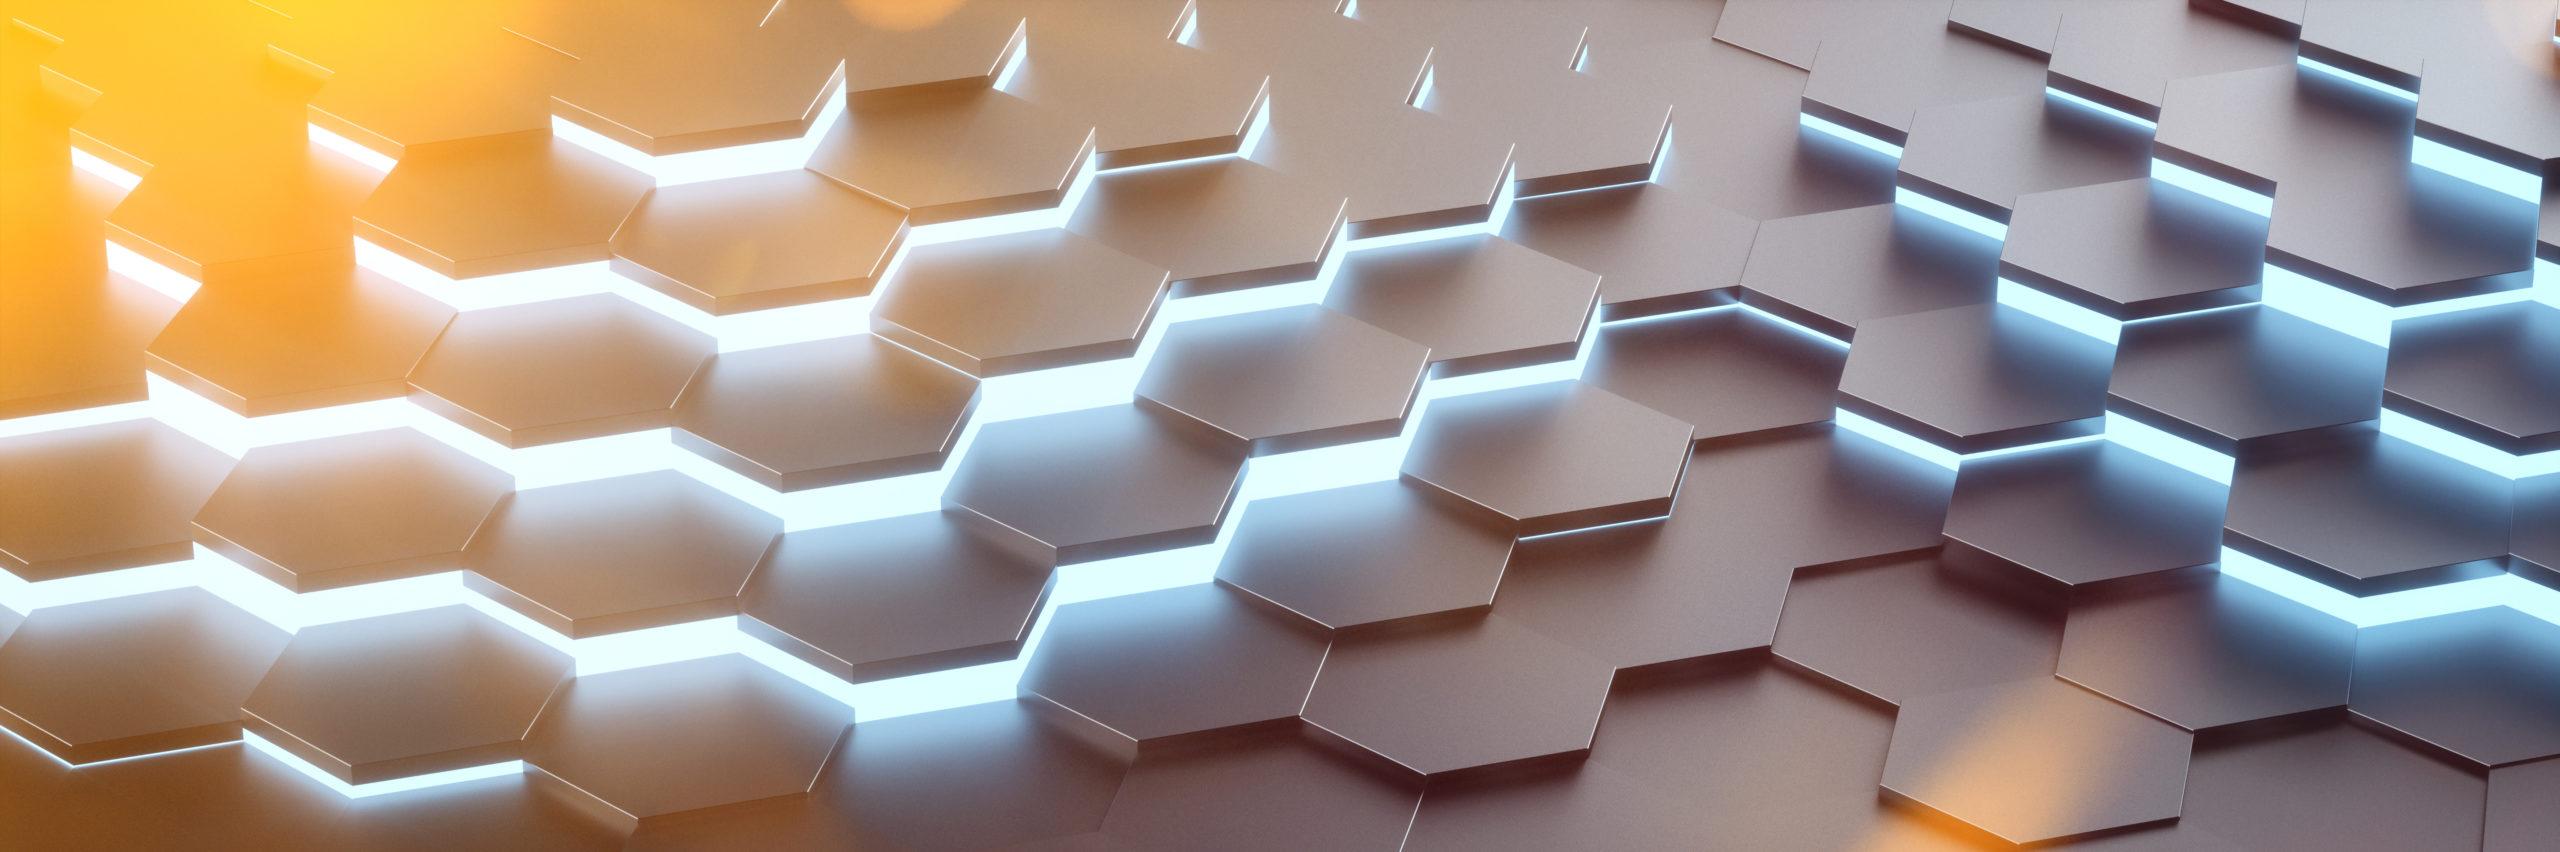 Digital Future Hexagon Hintergrund